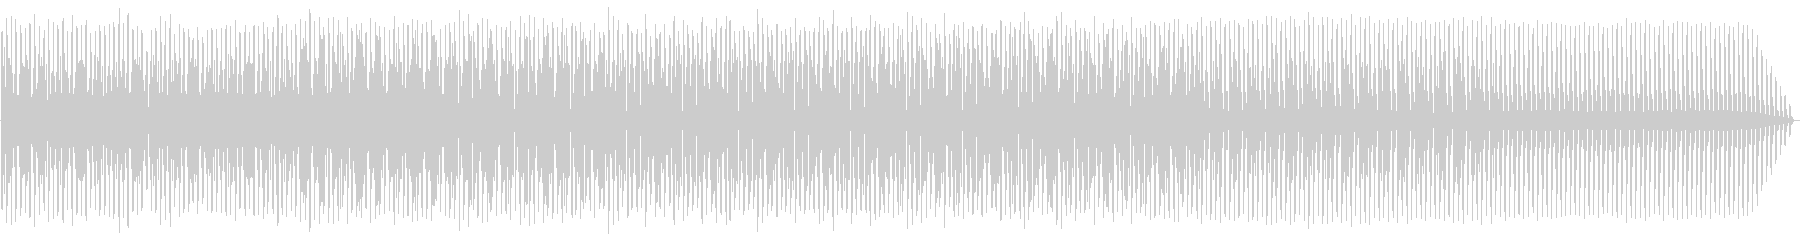 エレクトロハウス。ループ。繰り返します。の未再生の波形